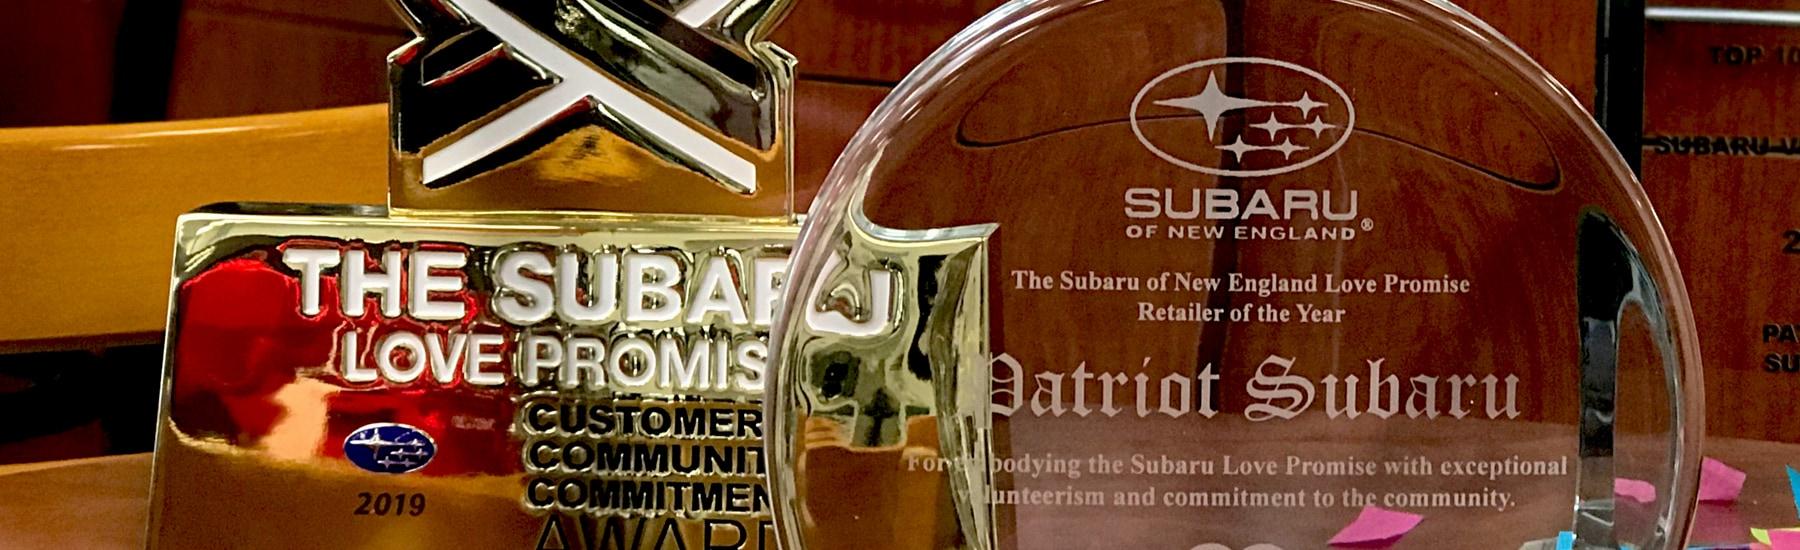 Subaru Dealers Near Me >> Patriot Subaru: Subaru Dealership near Portland ME | Saco